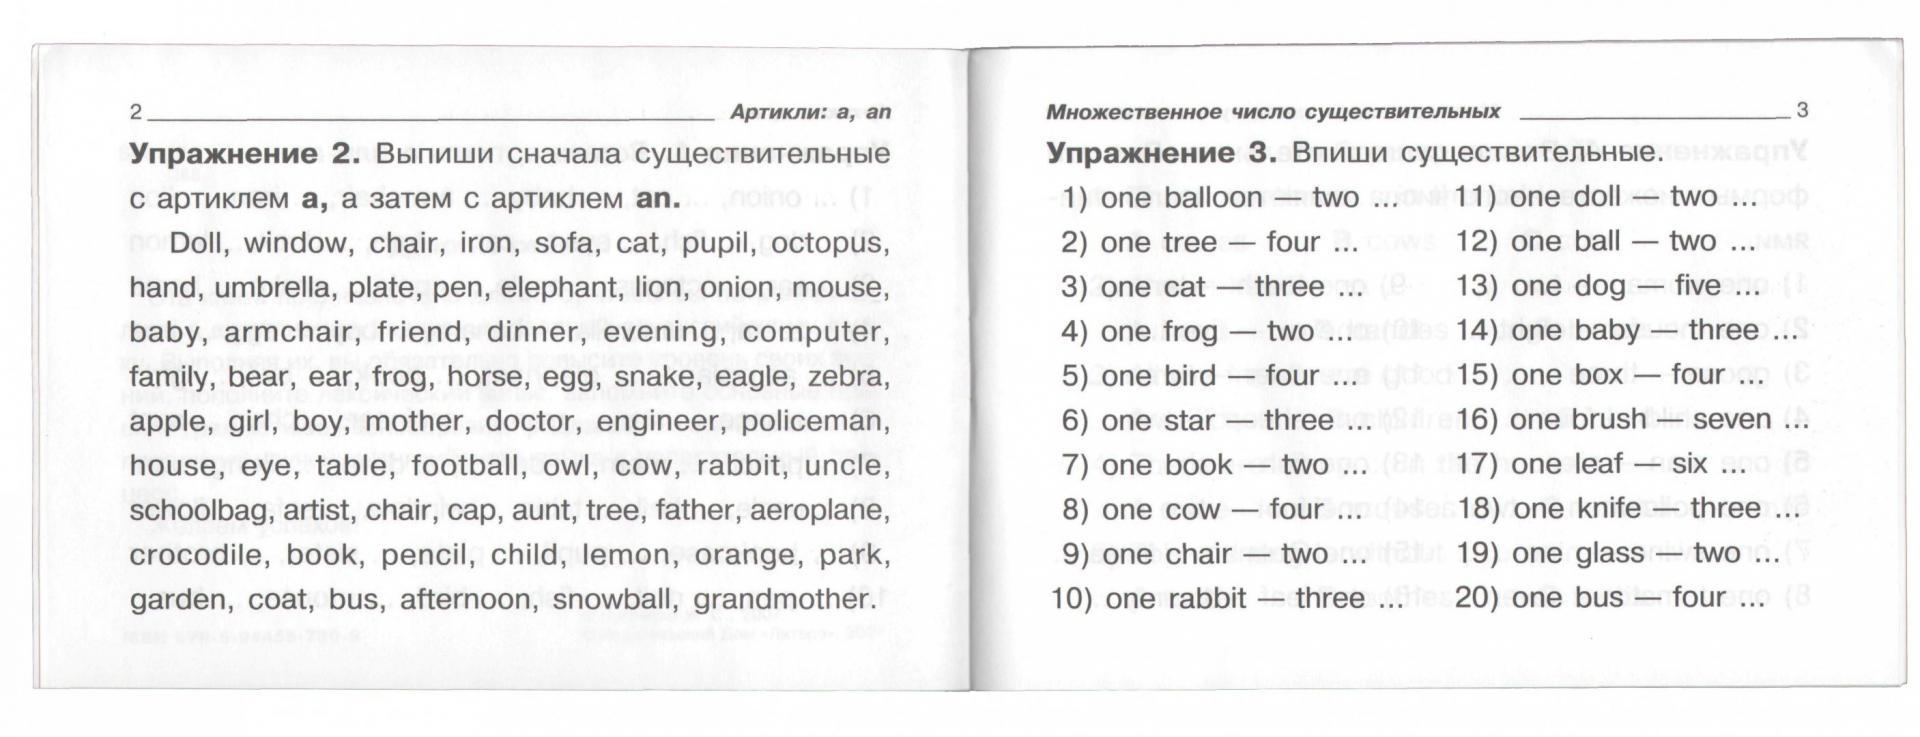 Иллюстрация 1 из 13 для Английский язык. 3 класс. Проверялочка - Инна Пугачева | Лабиринт - книги. Источник: Лабиринт